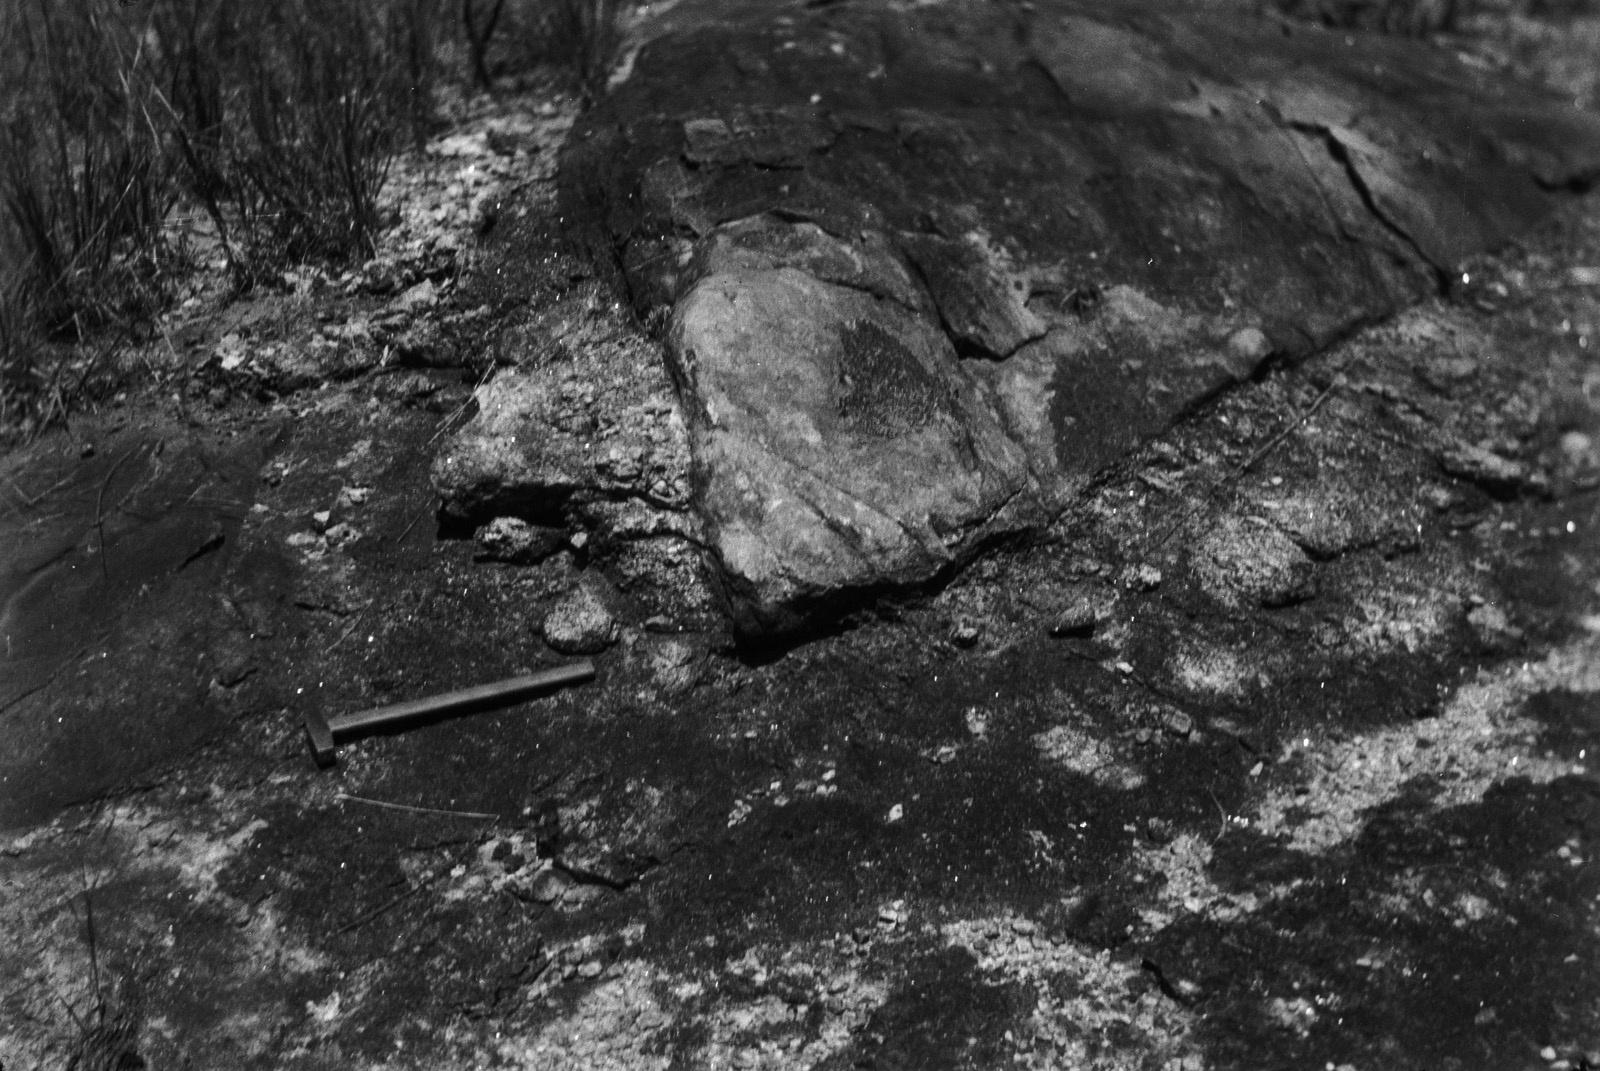 Между Капири Мпоши и рекой Лунсемфва. Сланцевые вкрапления в гранитной породе